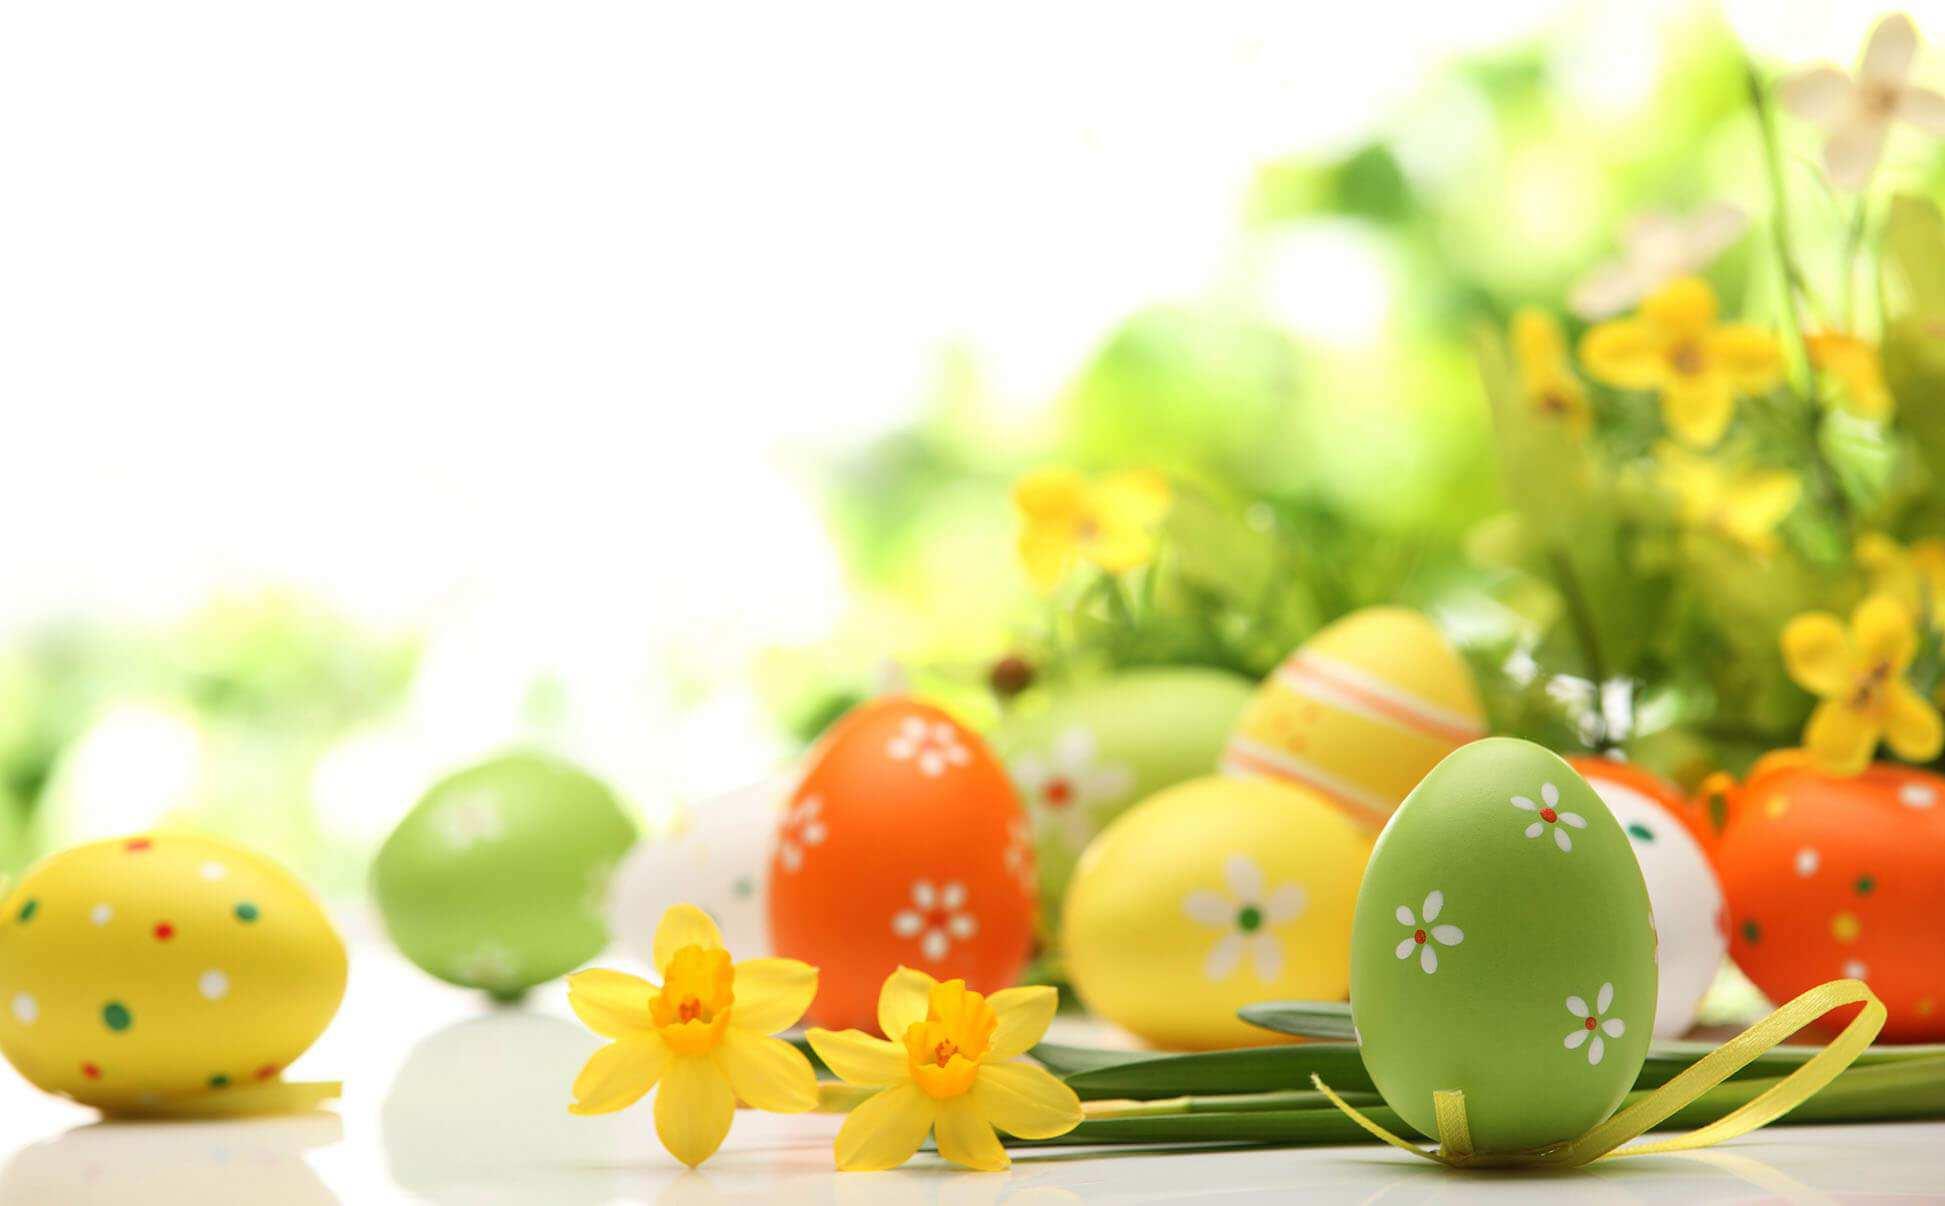 Hình nền máy tính HD những quả trứng nhiều sắc màu cực đẹp